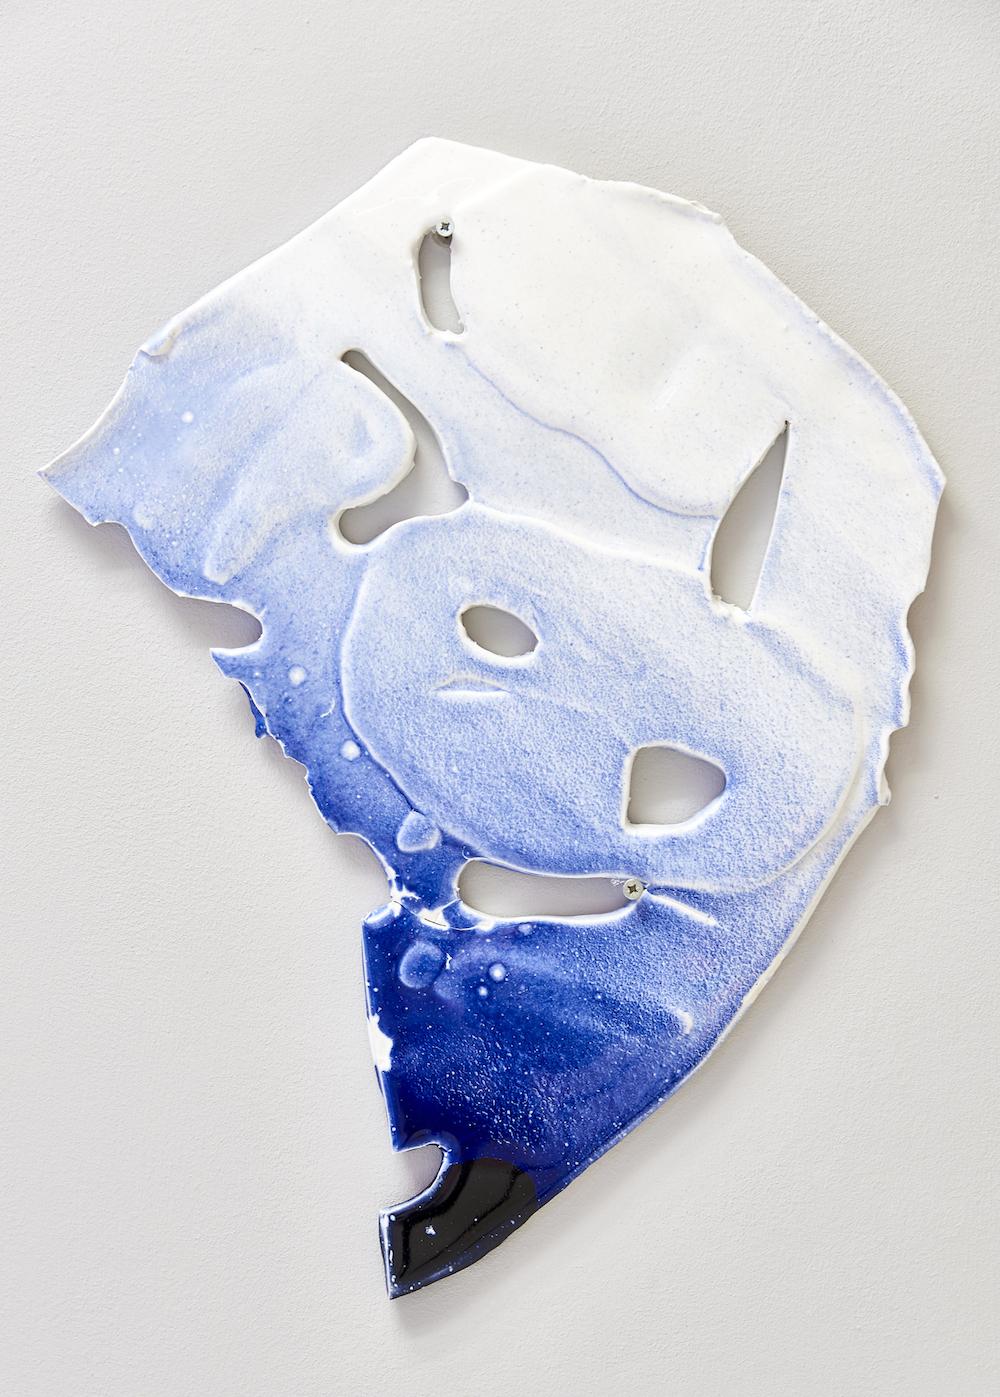 Ludovica Gioscia, La Luna Ci Guarda, 2017. Ceramic. 50 x 42 x 2 cm.